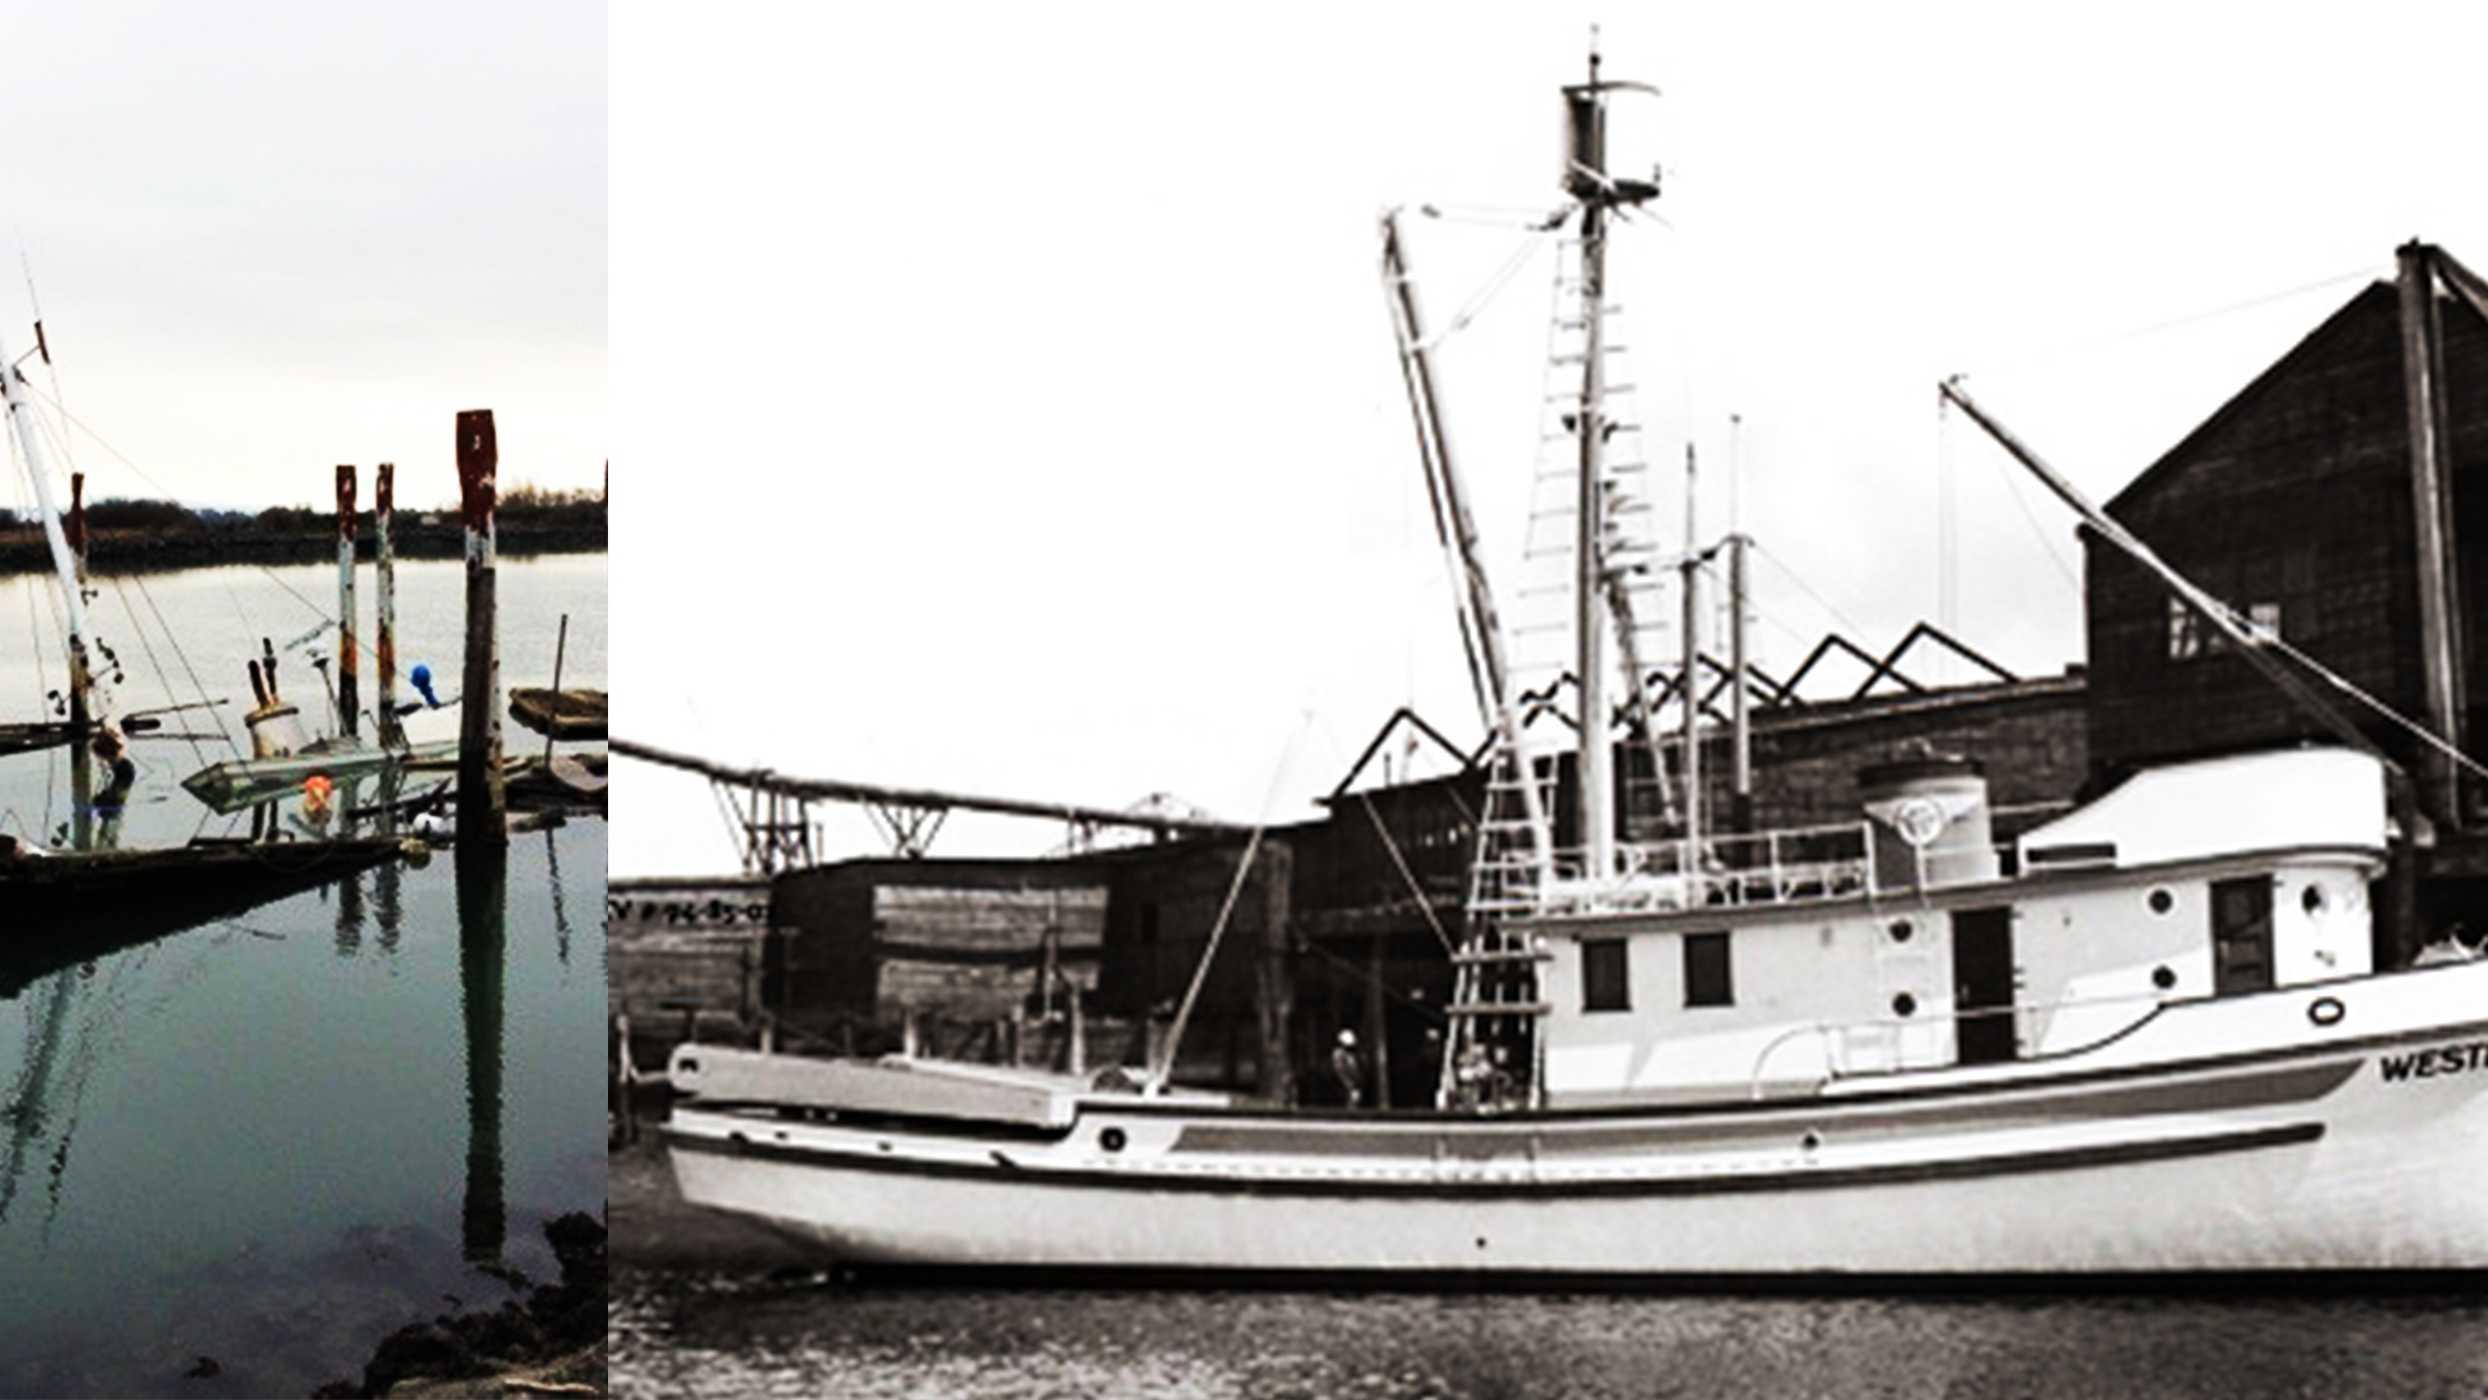 steinbeck boat.jpg